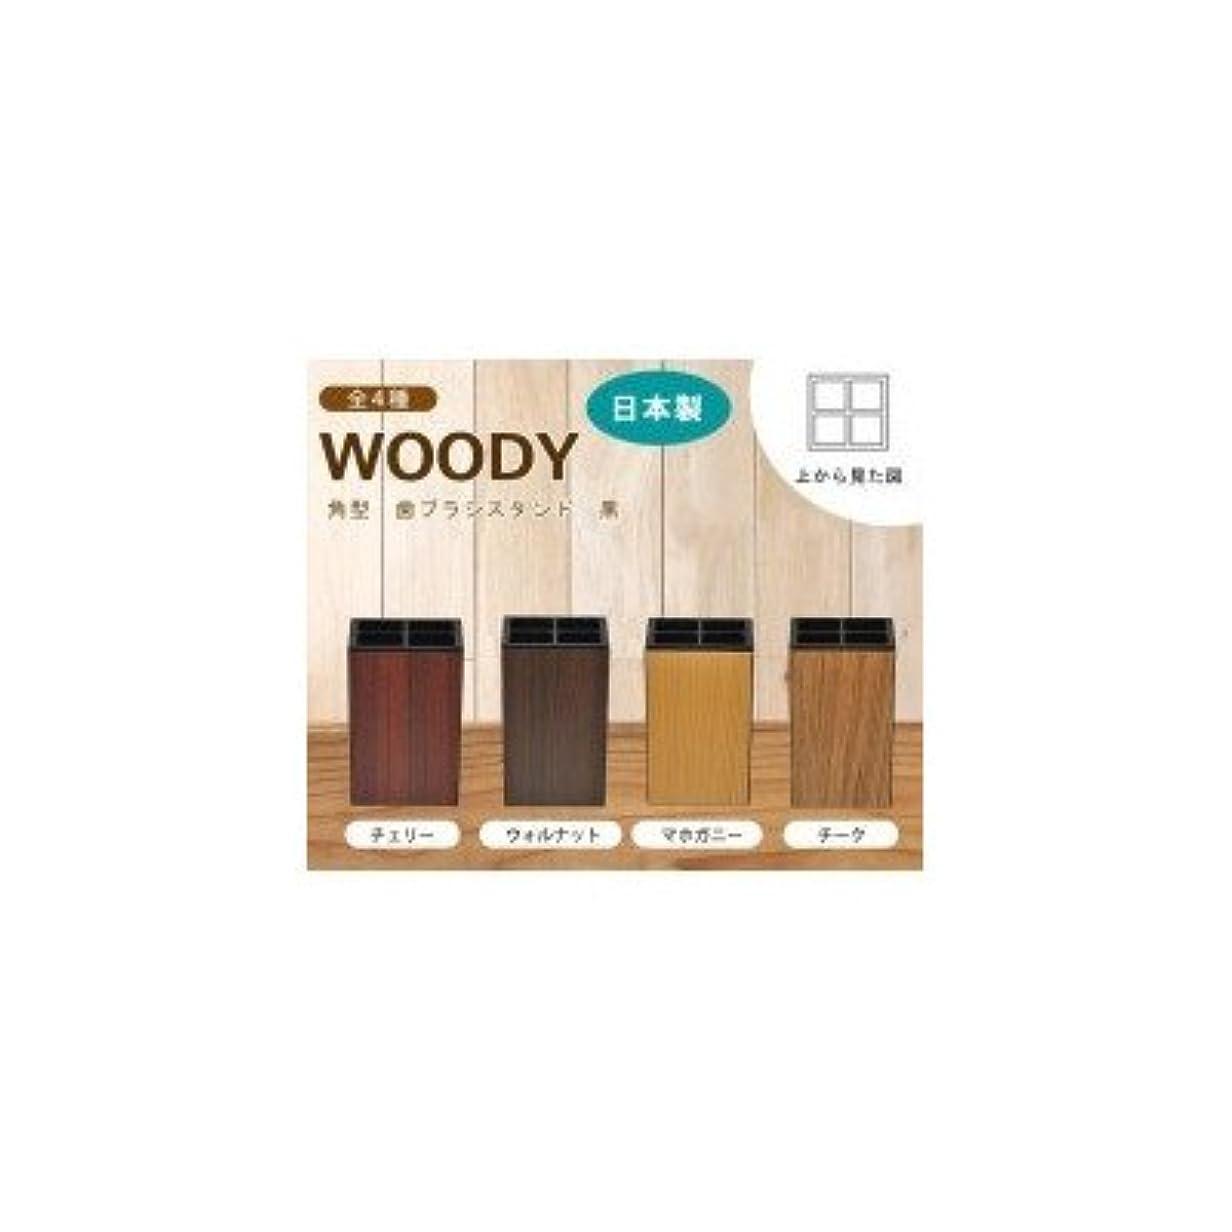 慣れる楽観的更新日本製 WOODY ウッディ 角型 歯ブラシスタンド 黒 ウォルナット?13-450345( 画像はイメージ画像です お届けの商品はウォルナット?13-450345のみとなります)